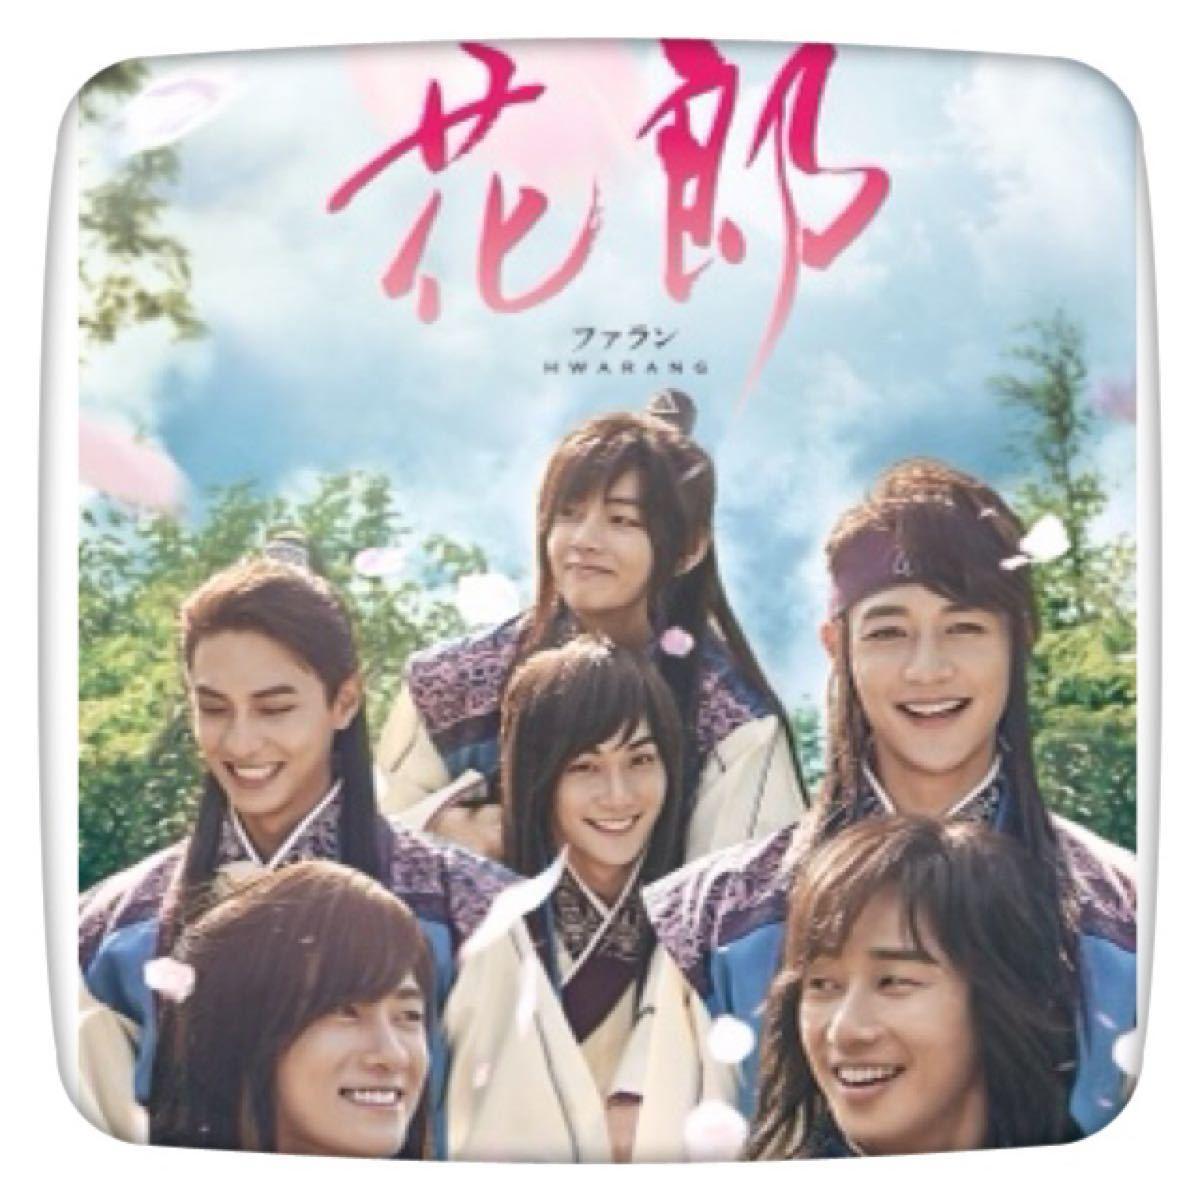 【花郎】Blu-ray 韓国ドラマ 韓流